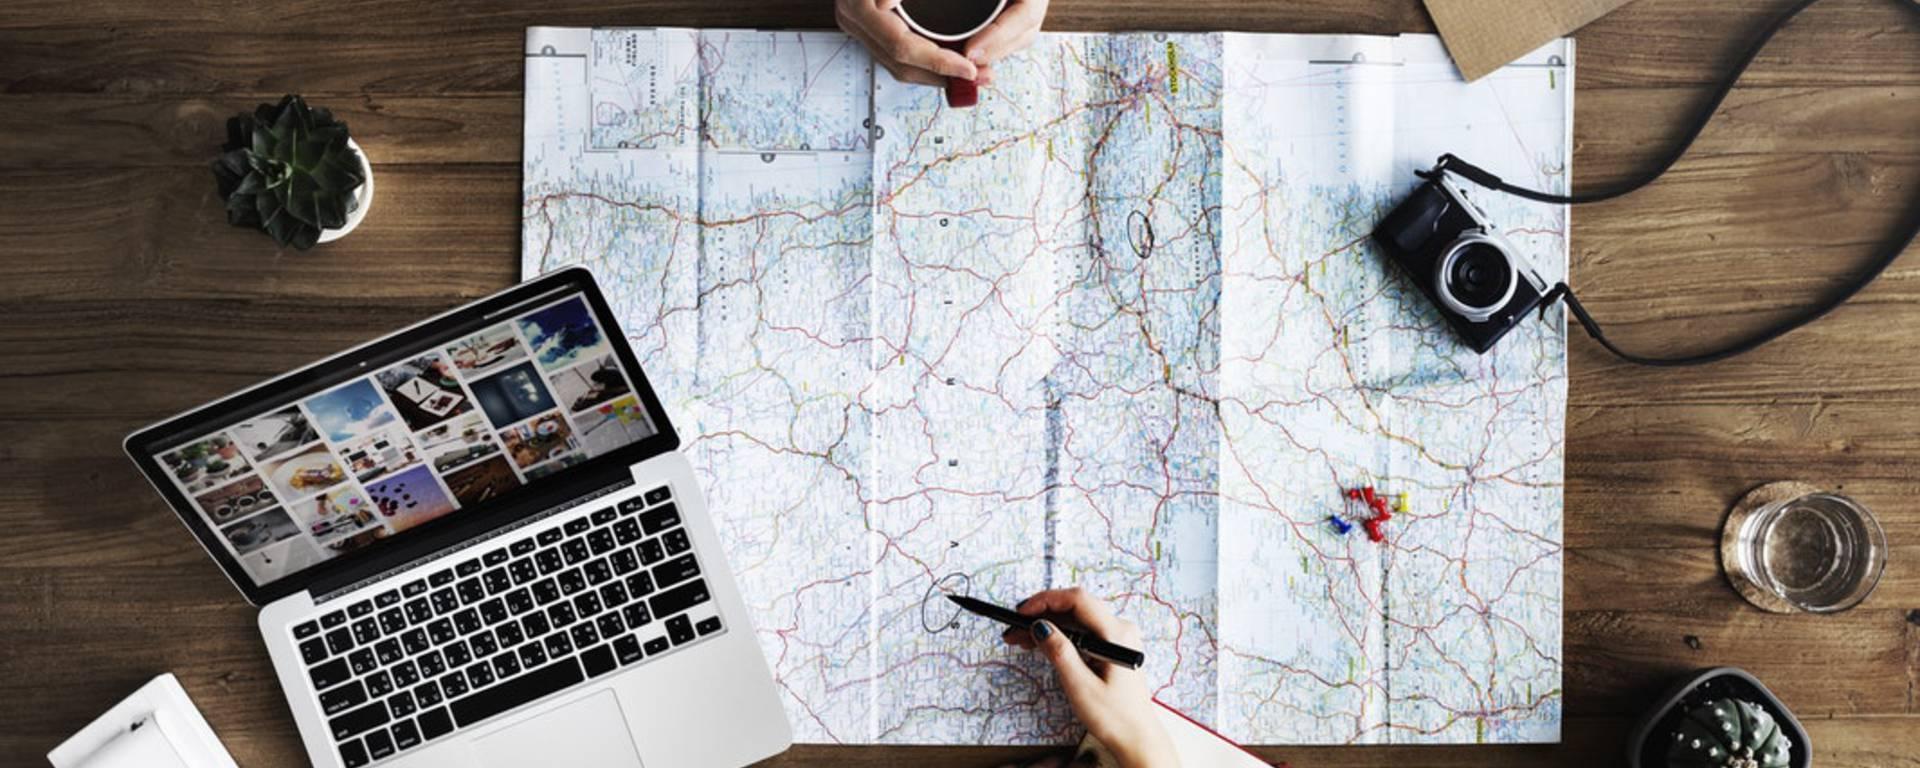 Equipements de randonnée - Randonner Vosges - Matériel de randonnée - Carte de randonnée Vosges - Guide haute montagne - Guide de randonnée